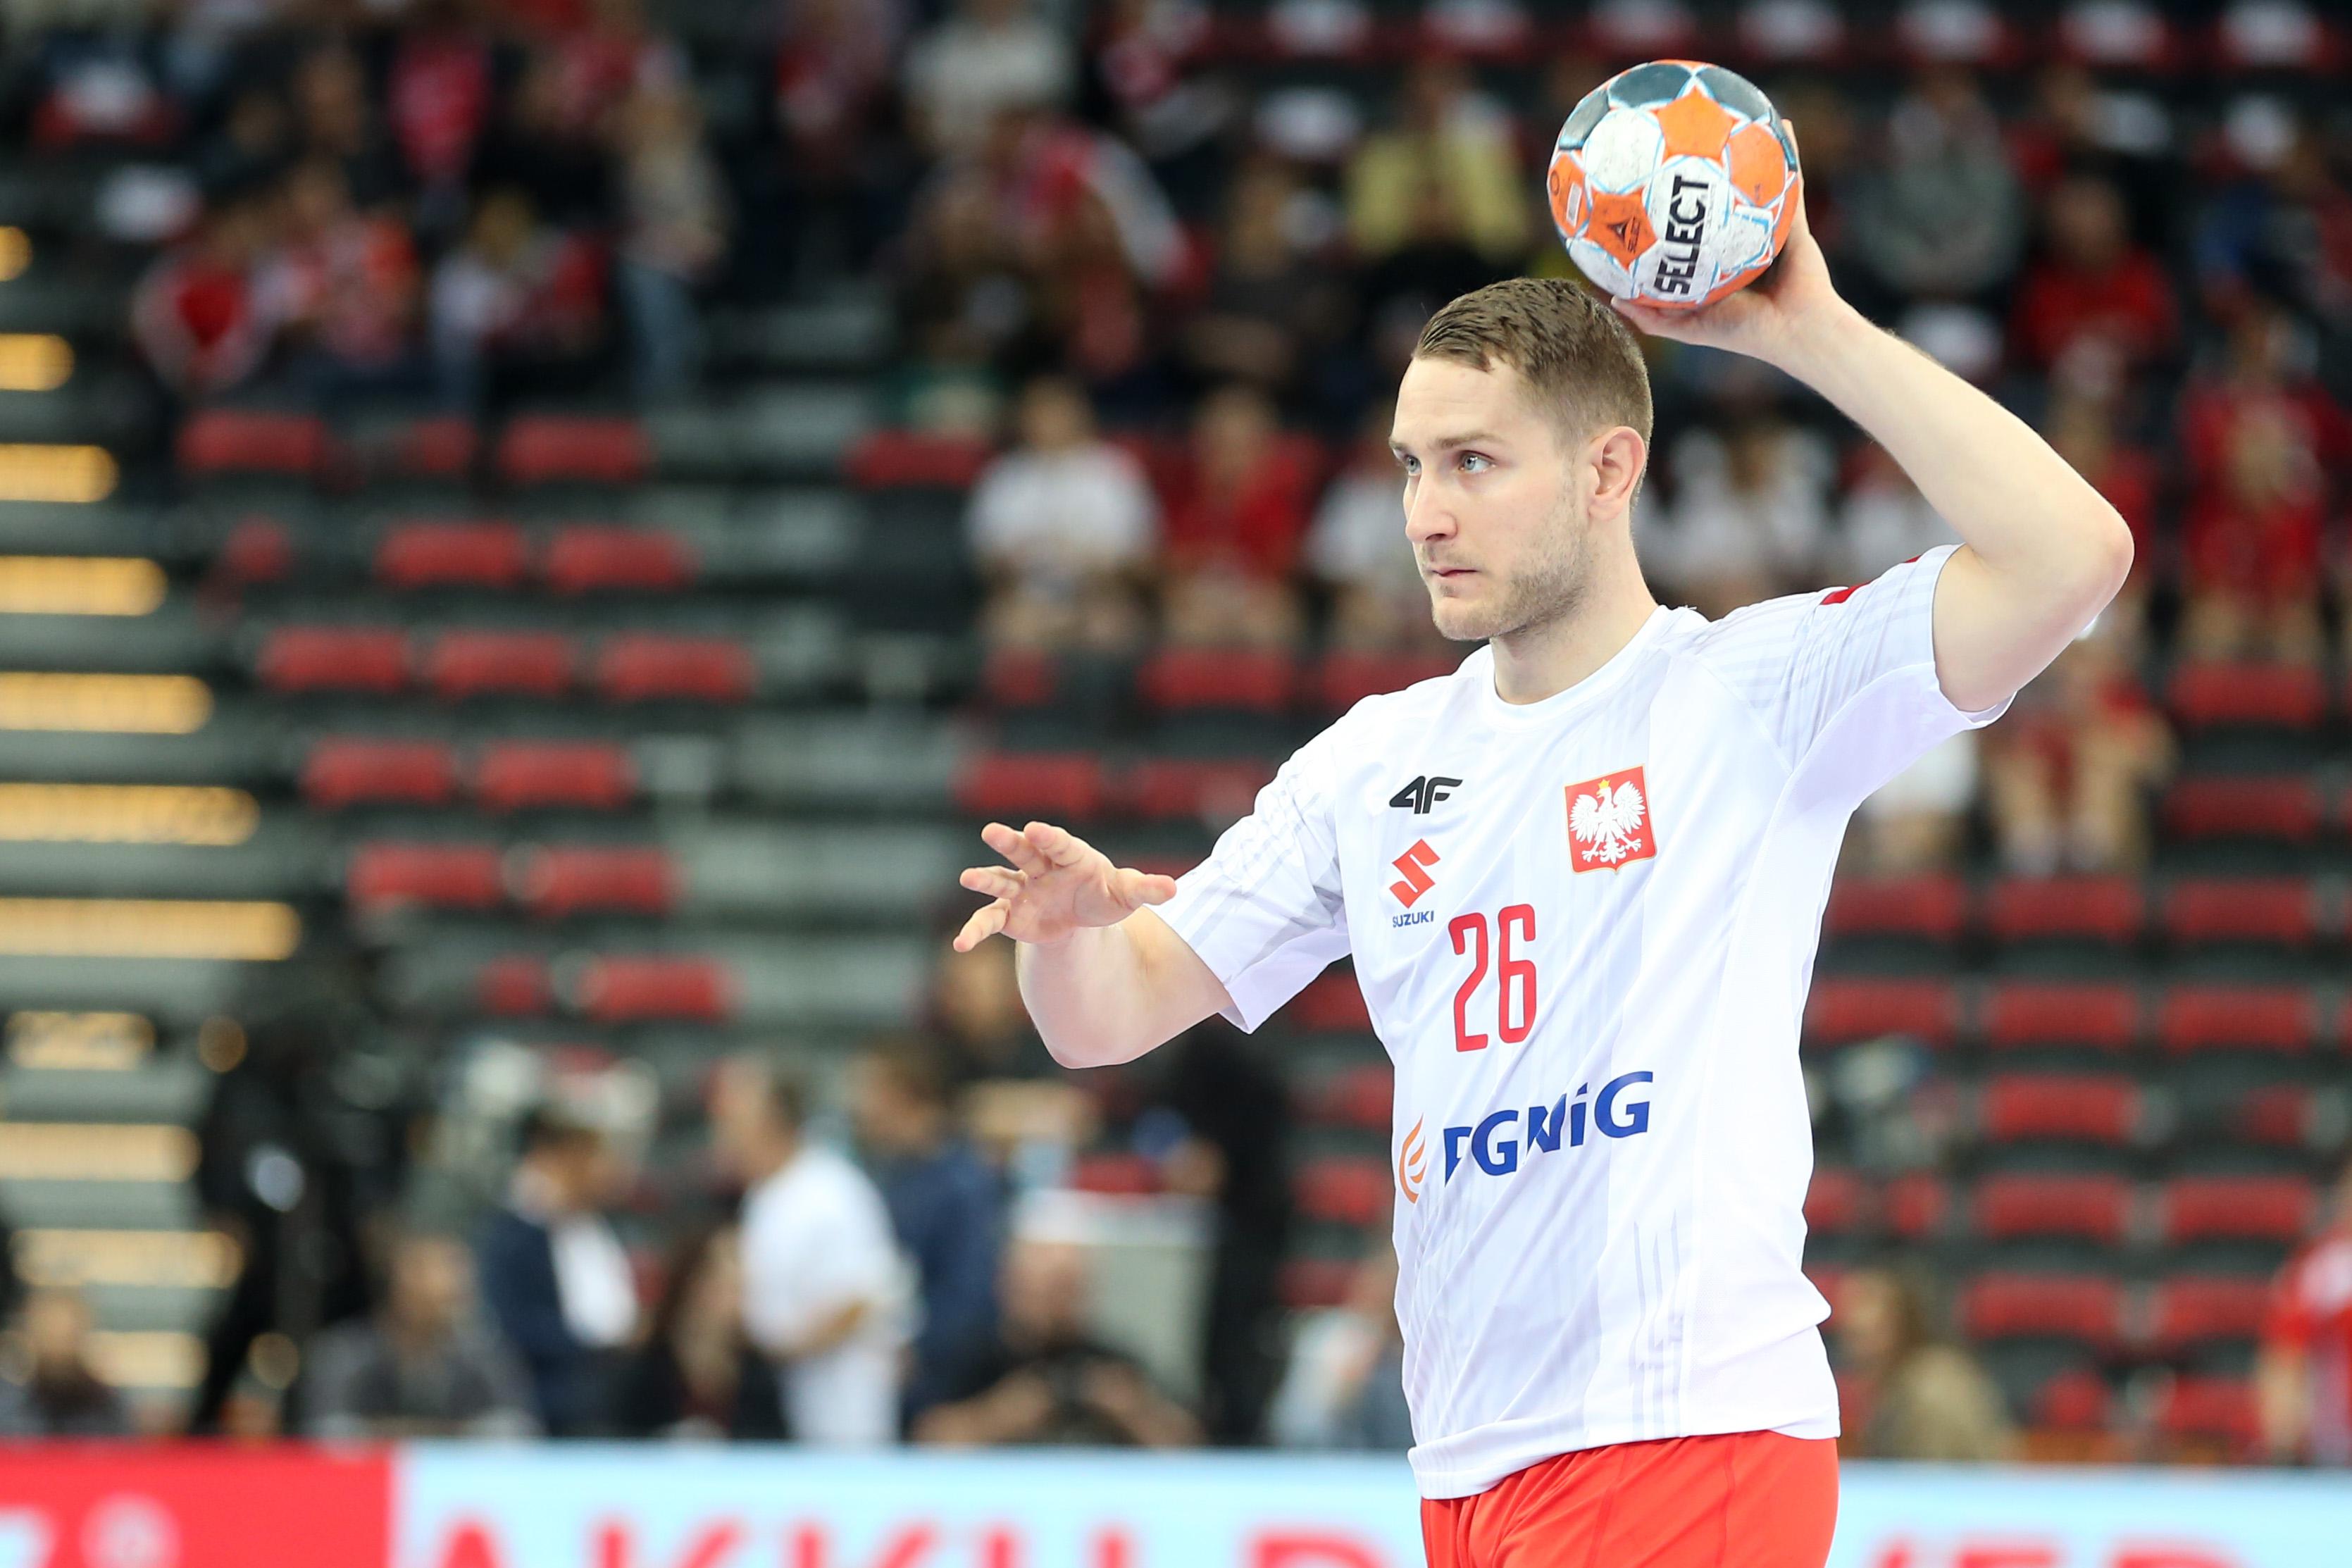 63a6bb5a2 Eliminacje Euro 2020 NA ŻYWO: Polska - Izrael. Transmisja TV i darmowy  stream online - WP SportoweFakty